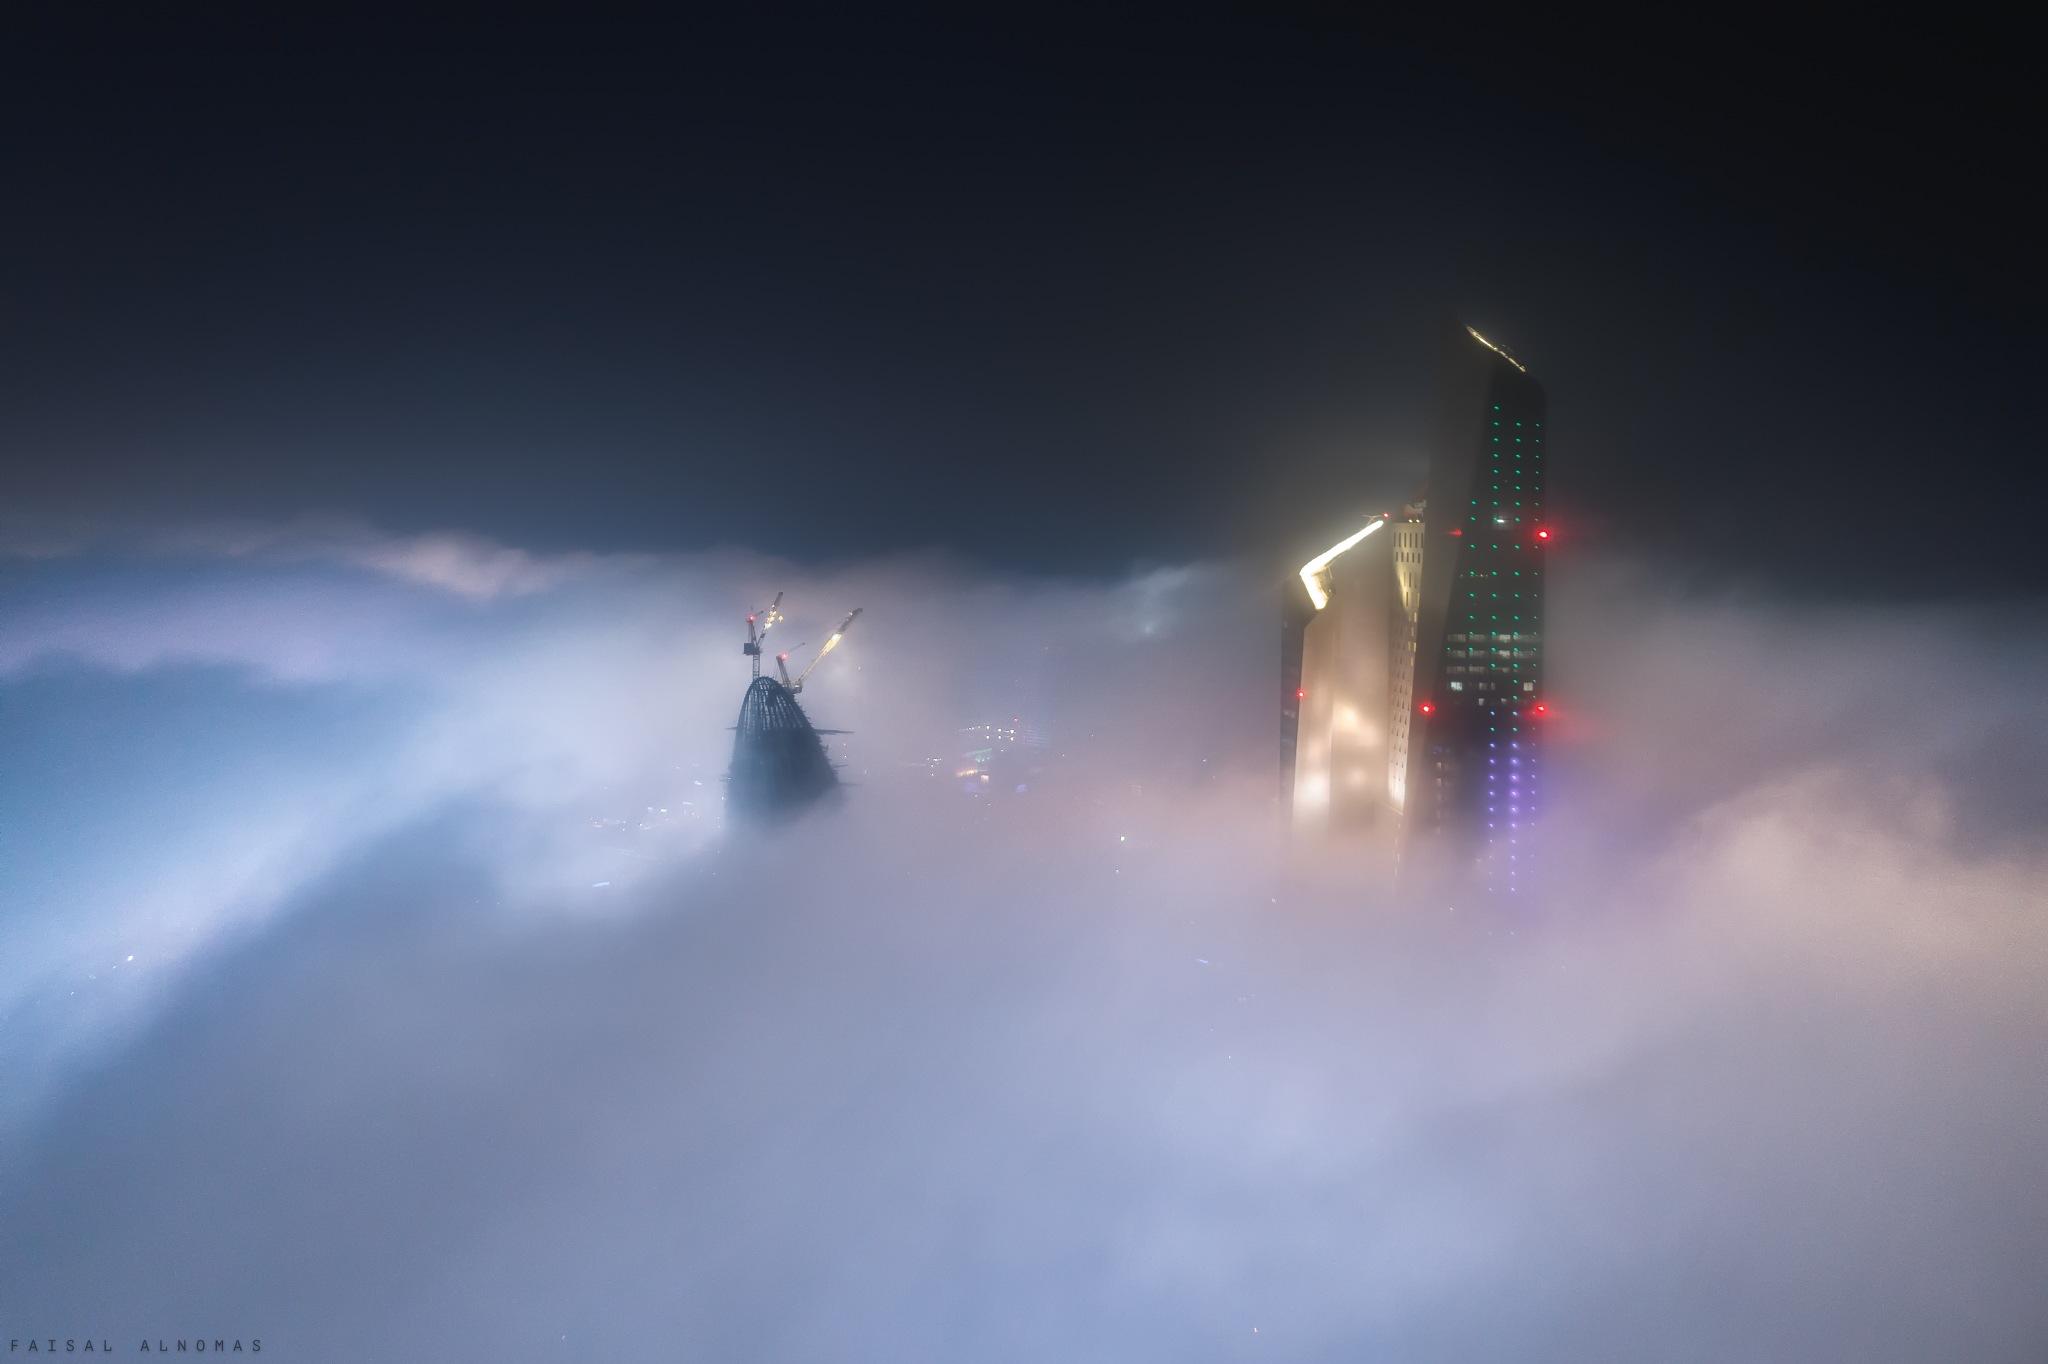 Fog Over the City by Faisal ALnomas